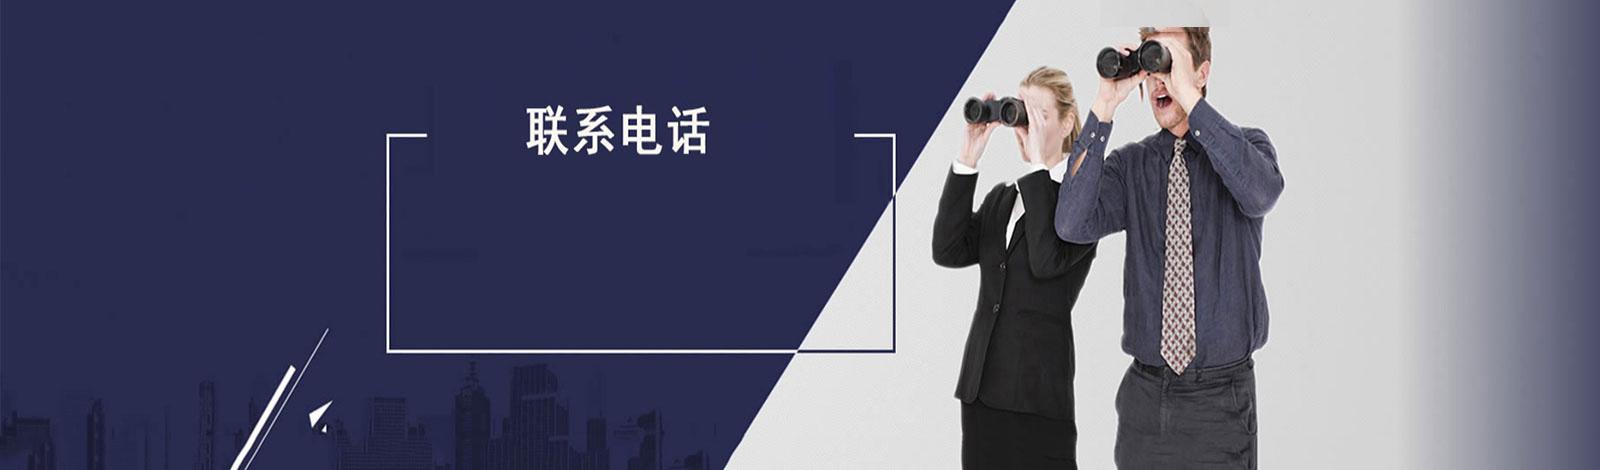 上海市婚姻调查